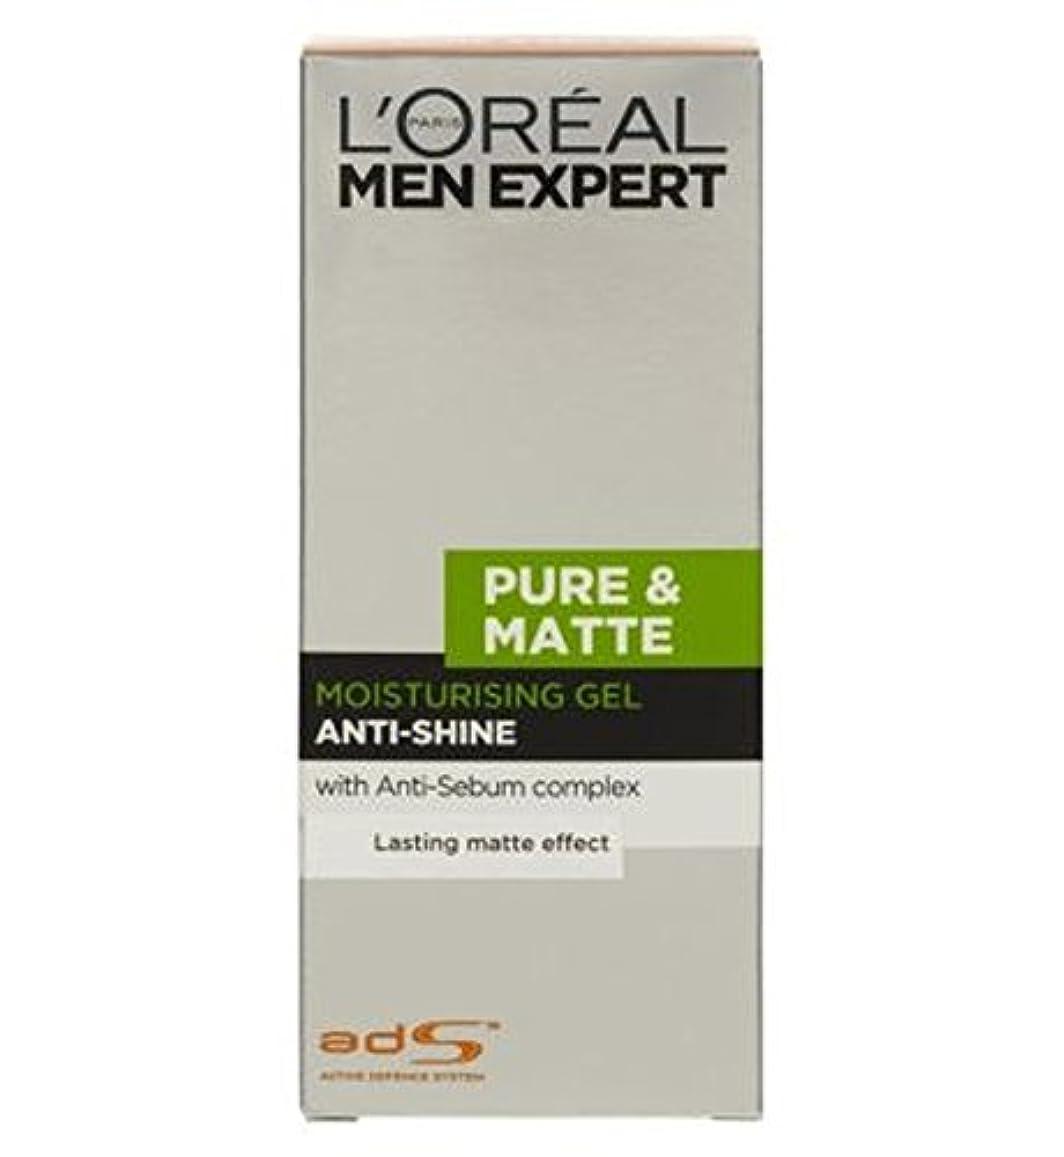 超高層ビル集計静脈L'Oreal Men Expert Pure & Matte Anti-Shine Moisturising Gel 50ml - ロレアルの男性の専門家純粋&マット抗輝き保湿ゲル50ミリリットル (L'Oreal)...